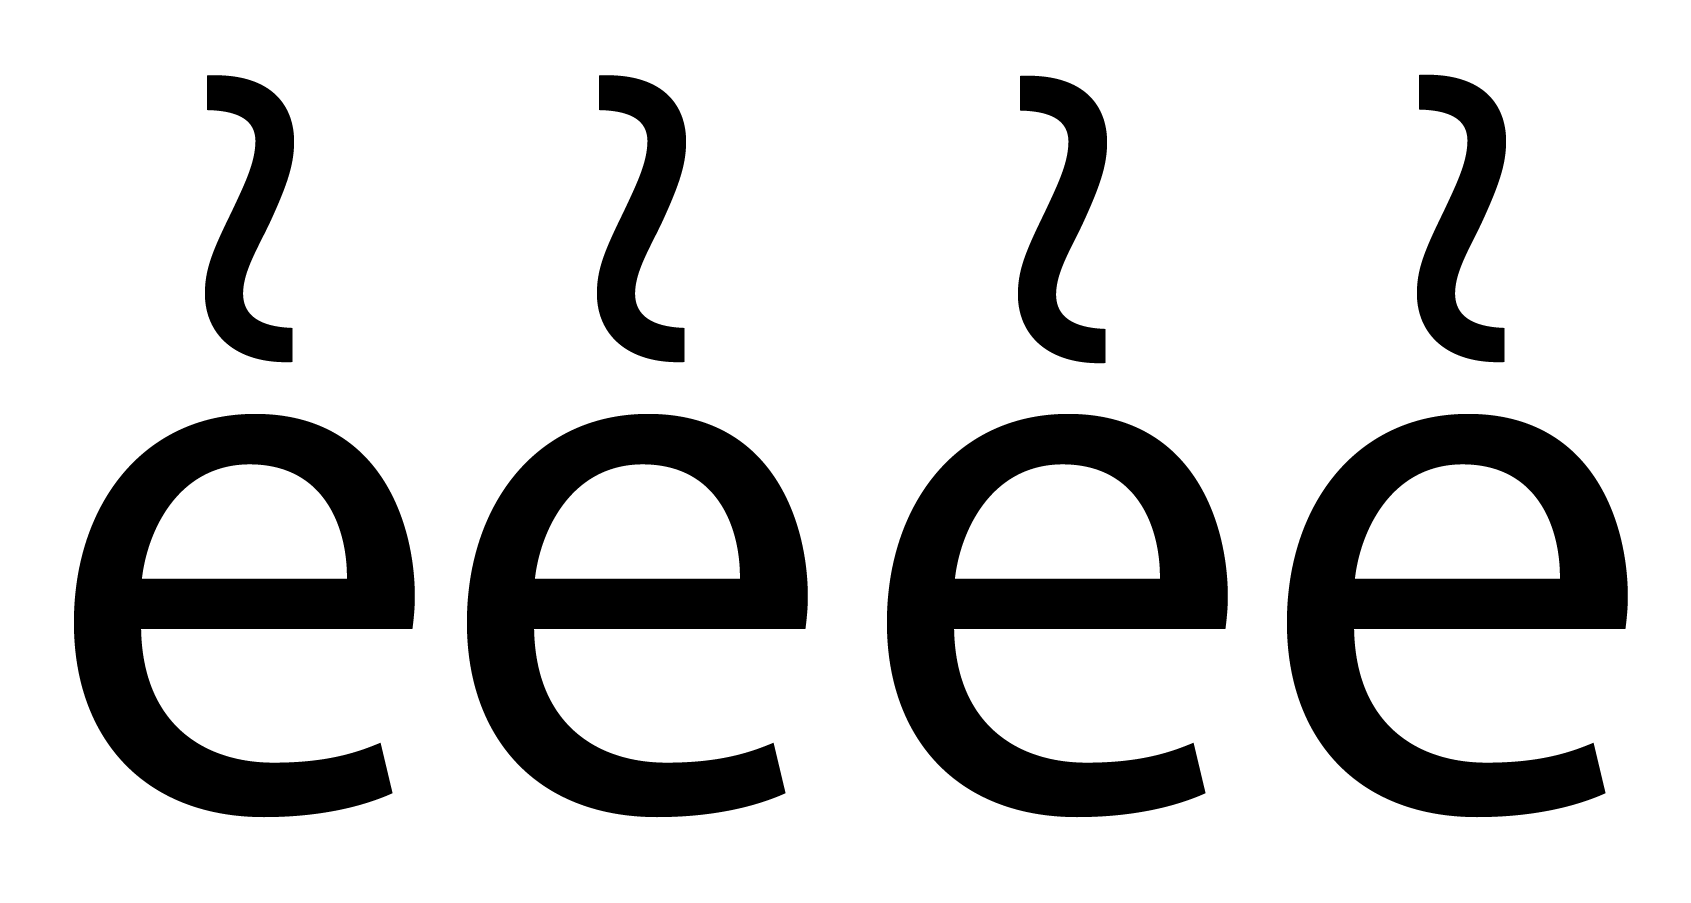 eeeeeee-01.png